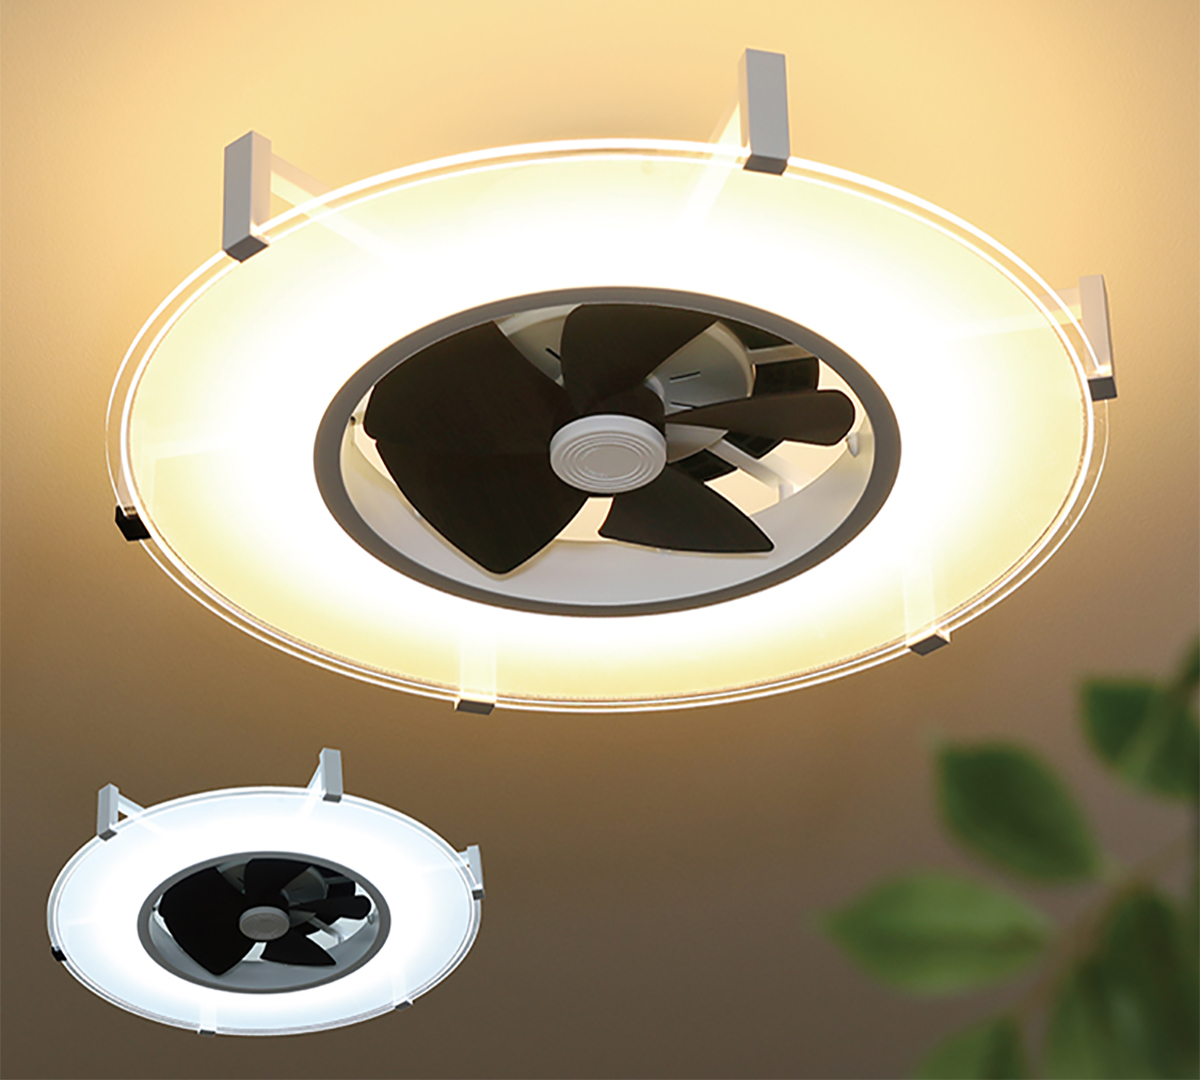 照明の明るさは、10段階。空気を循環させるファンと天井照明がひとつになった、シーリングファンライト JAVALO ELF(ジャバロエルフ)のパネライト